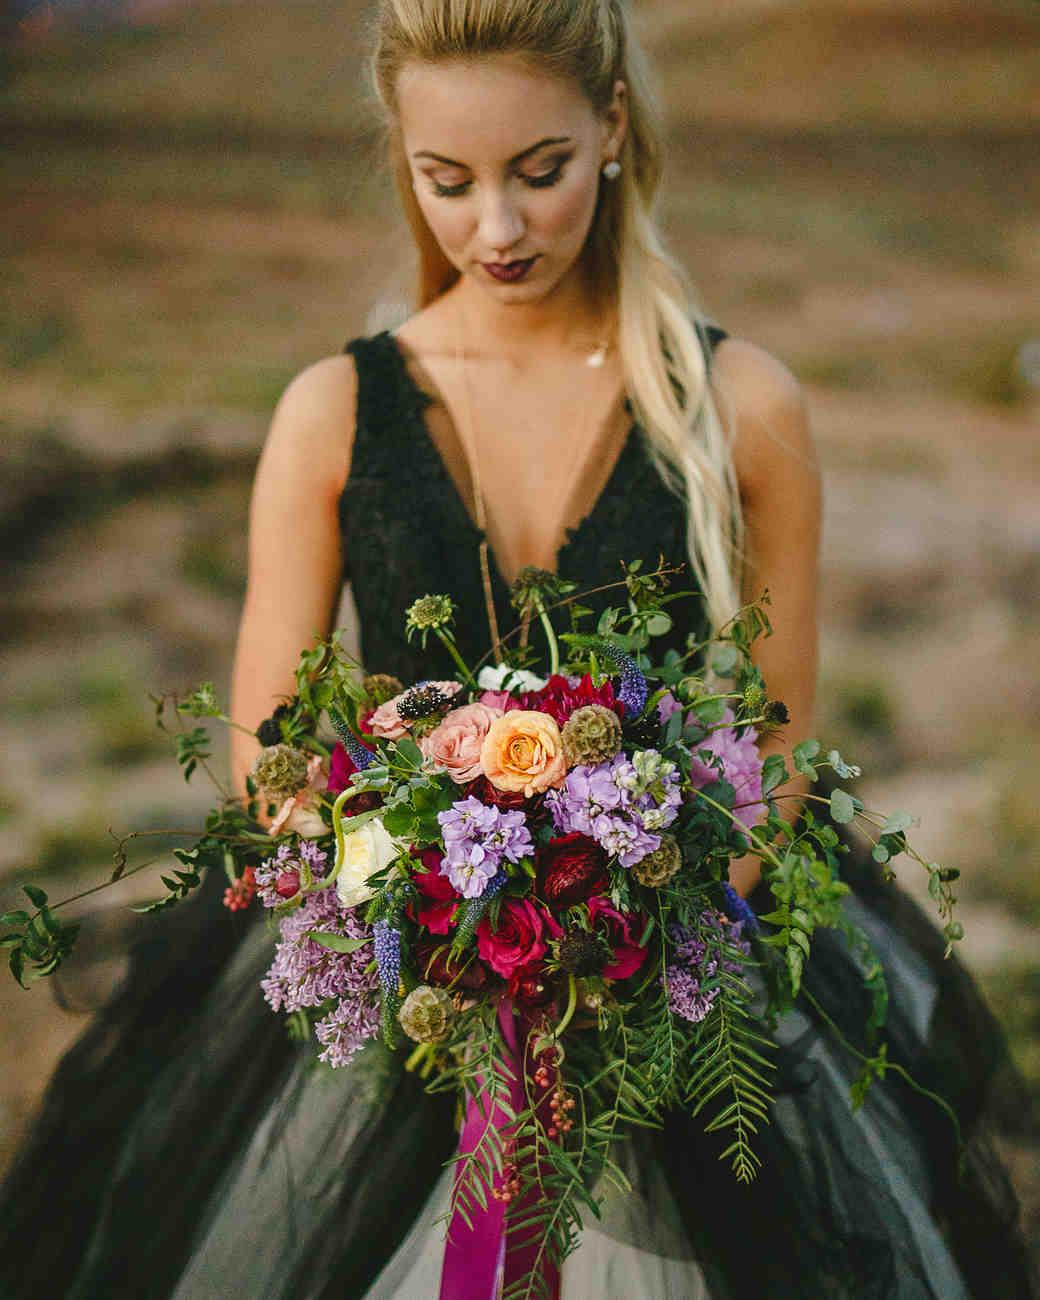 A Bride Holding a Lilac Bouquet